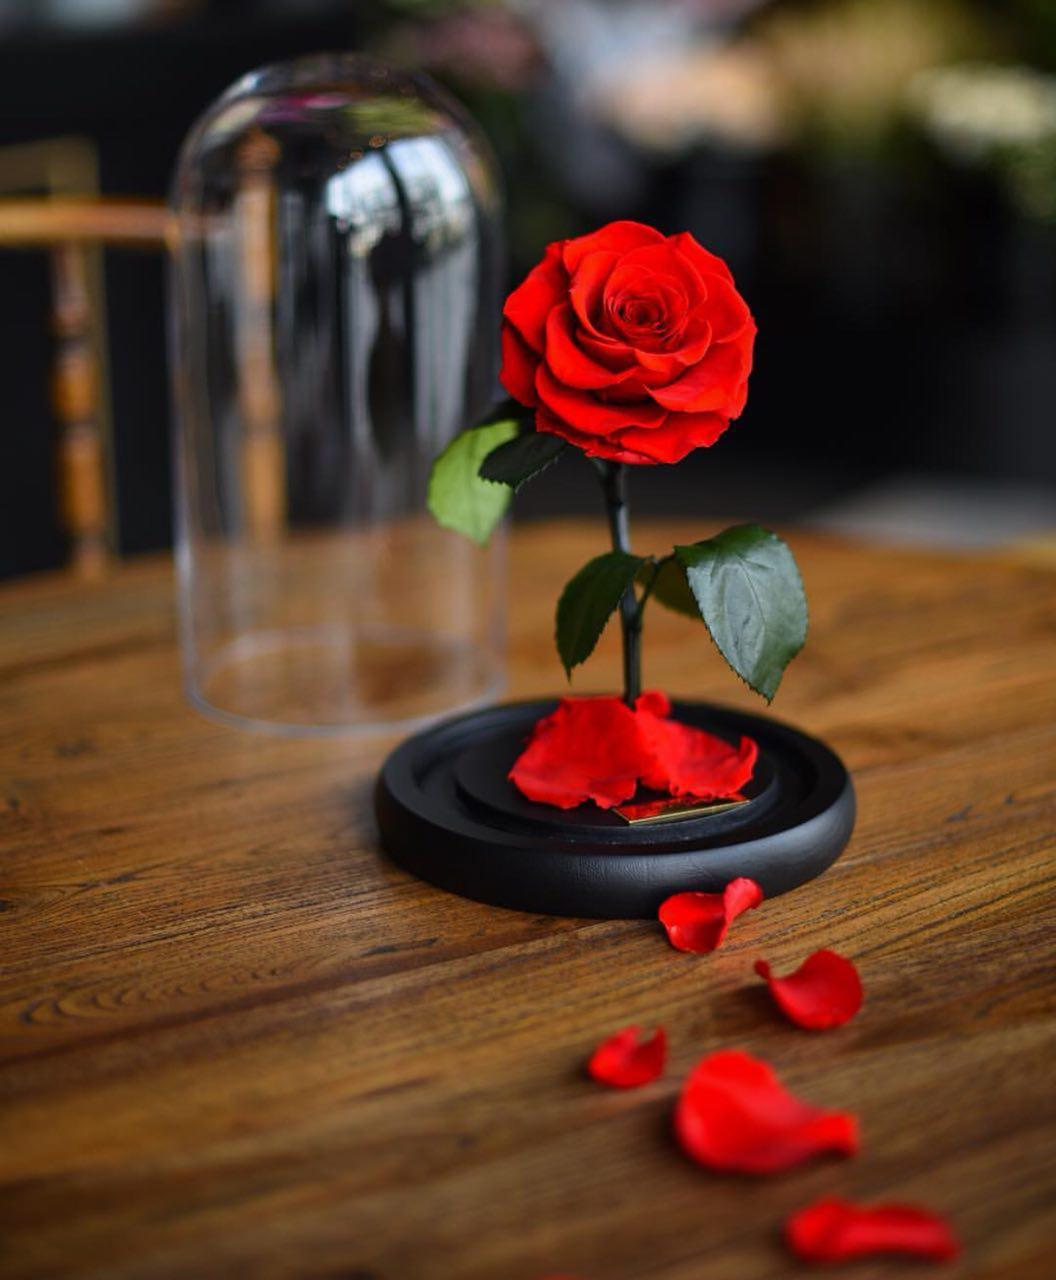 گل رز جاودان همراه با شاخه و برگ طبیعی جاودان